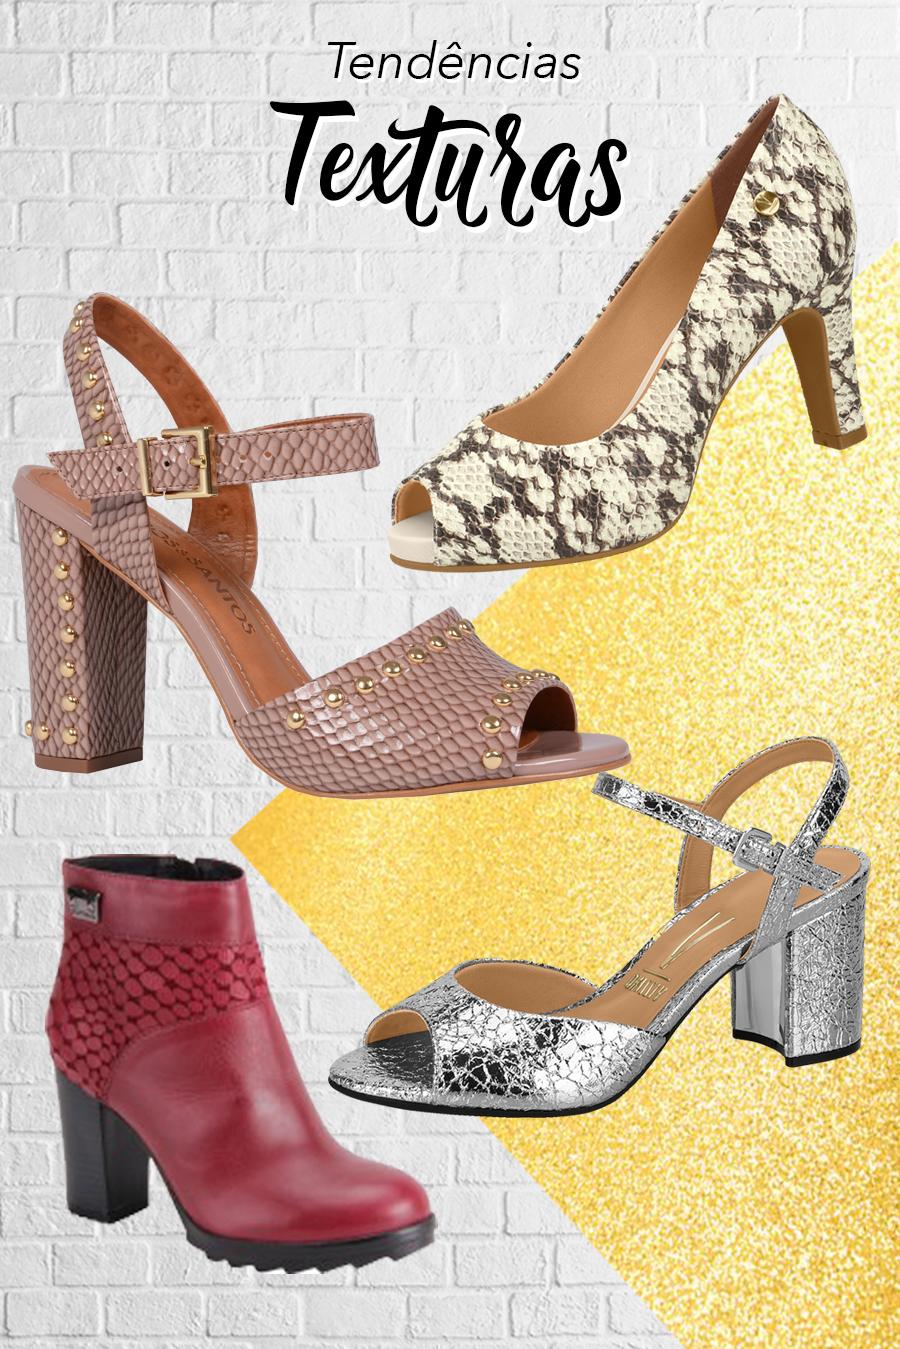 tendencias_sapatos_textura_inverno